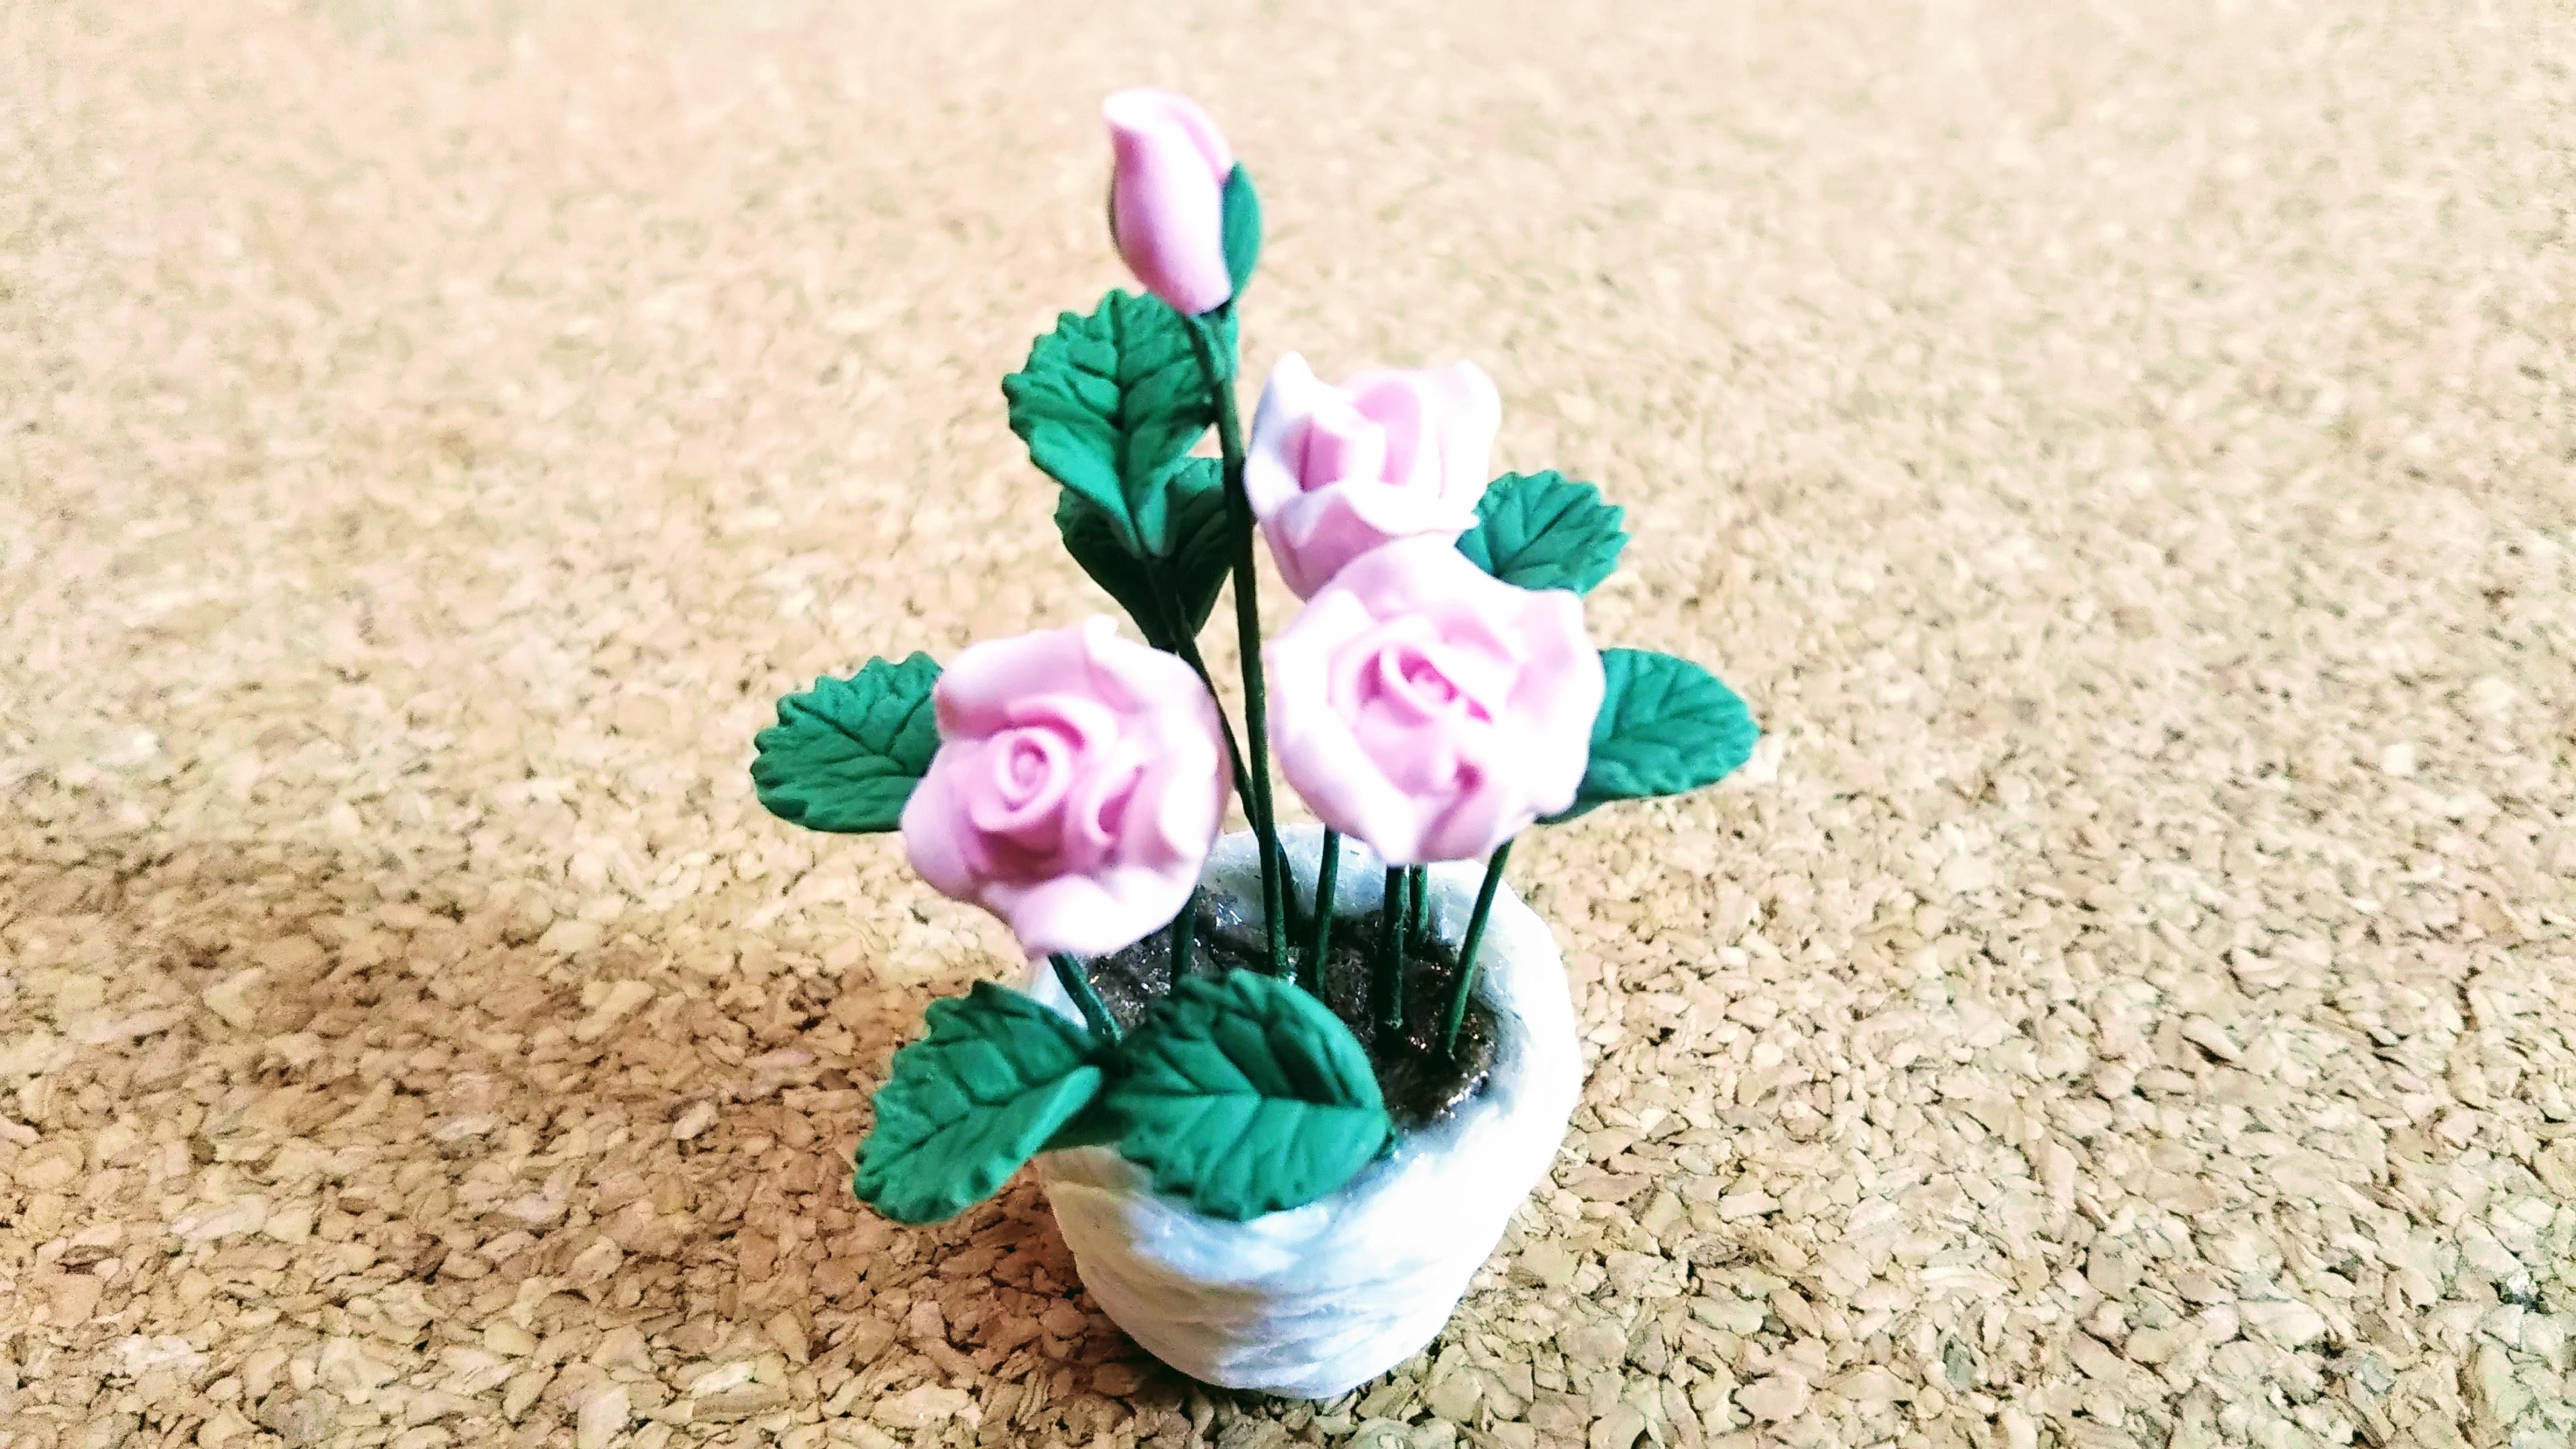 ミニチュアの薔薇の鉢植え